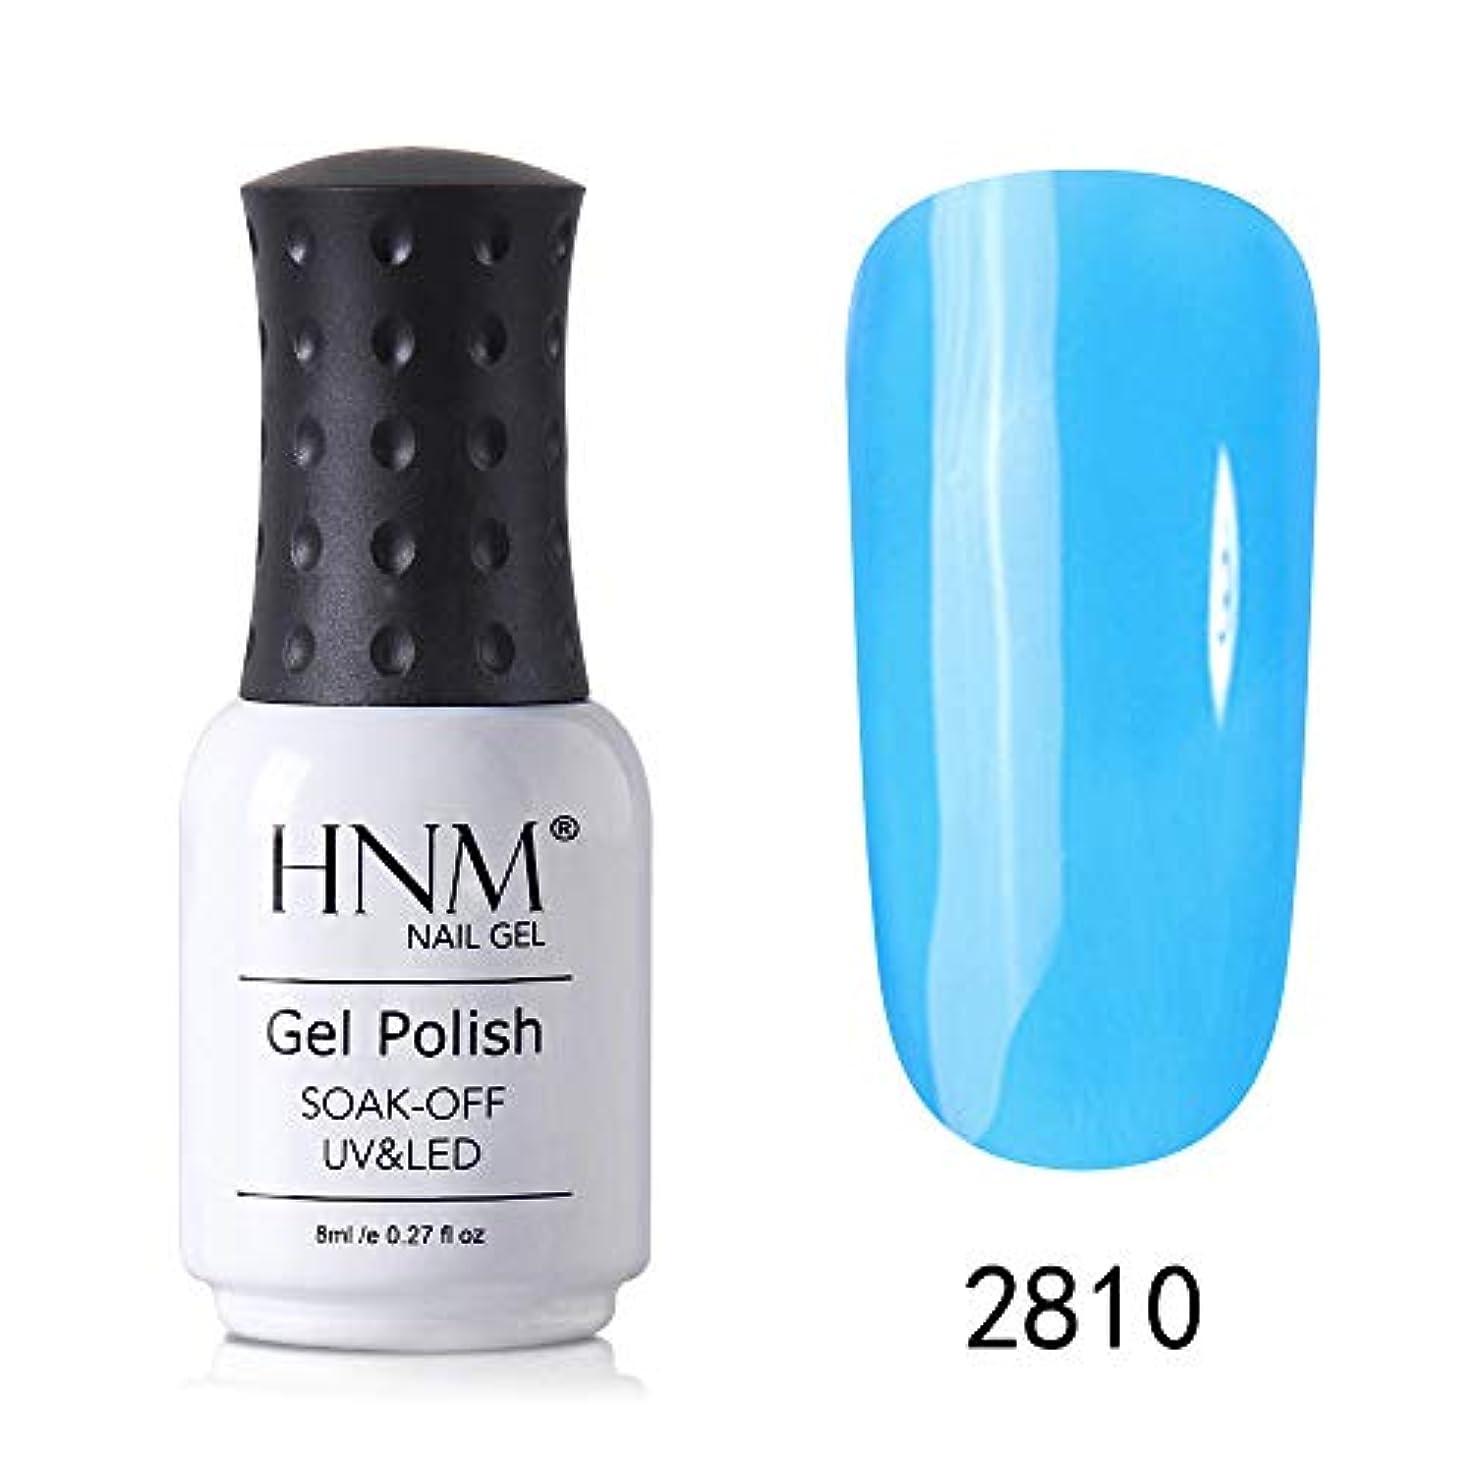 いつも青差別化するHNM ジェルネイル カラージェル 宝石系 アンバー キラキラ ポリッシュ 8ml 1本入り【全12色選択可】